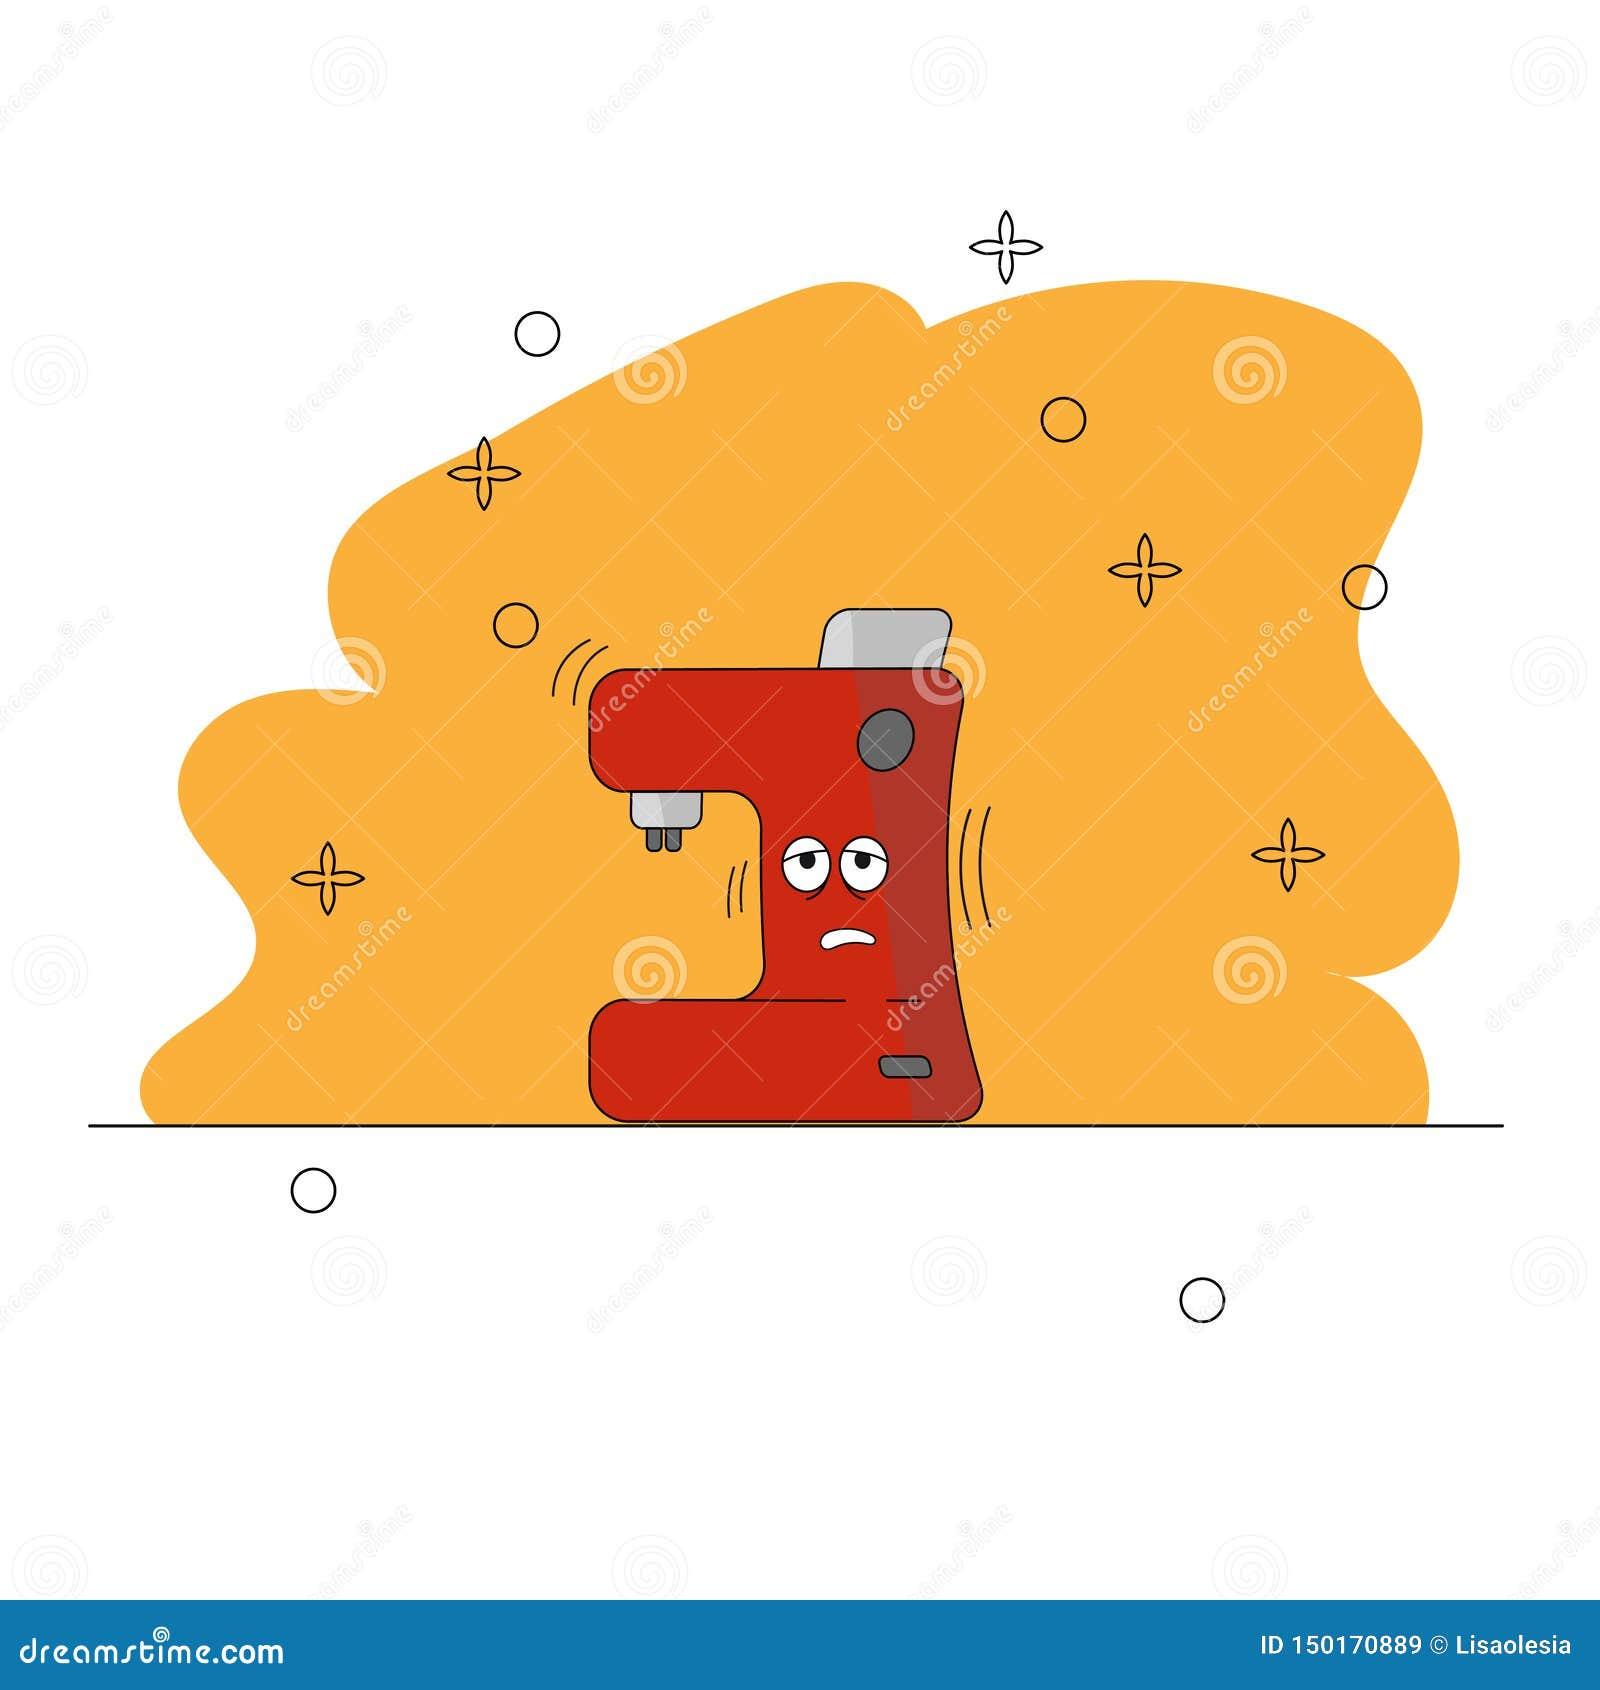 De keukentoestellen van het beeldverhaal Slaperige Koffiezetapparaat Grappig karakter Een rood en grijs Koffiezetapparaat met oge